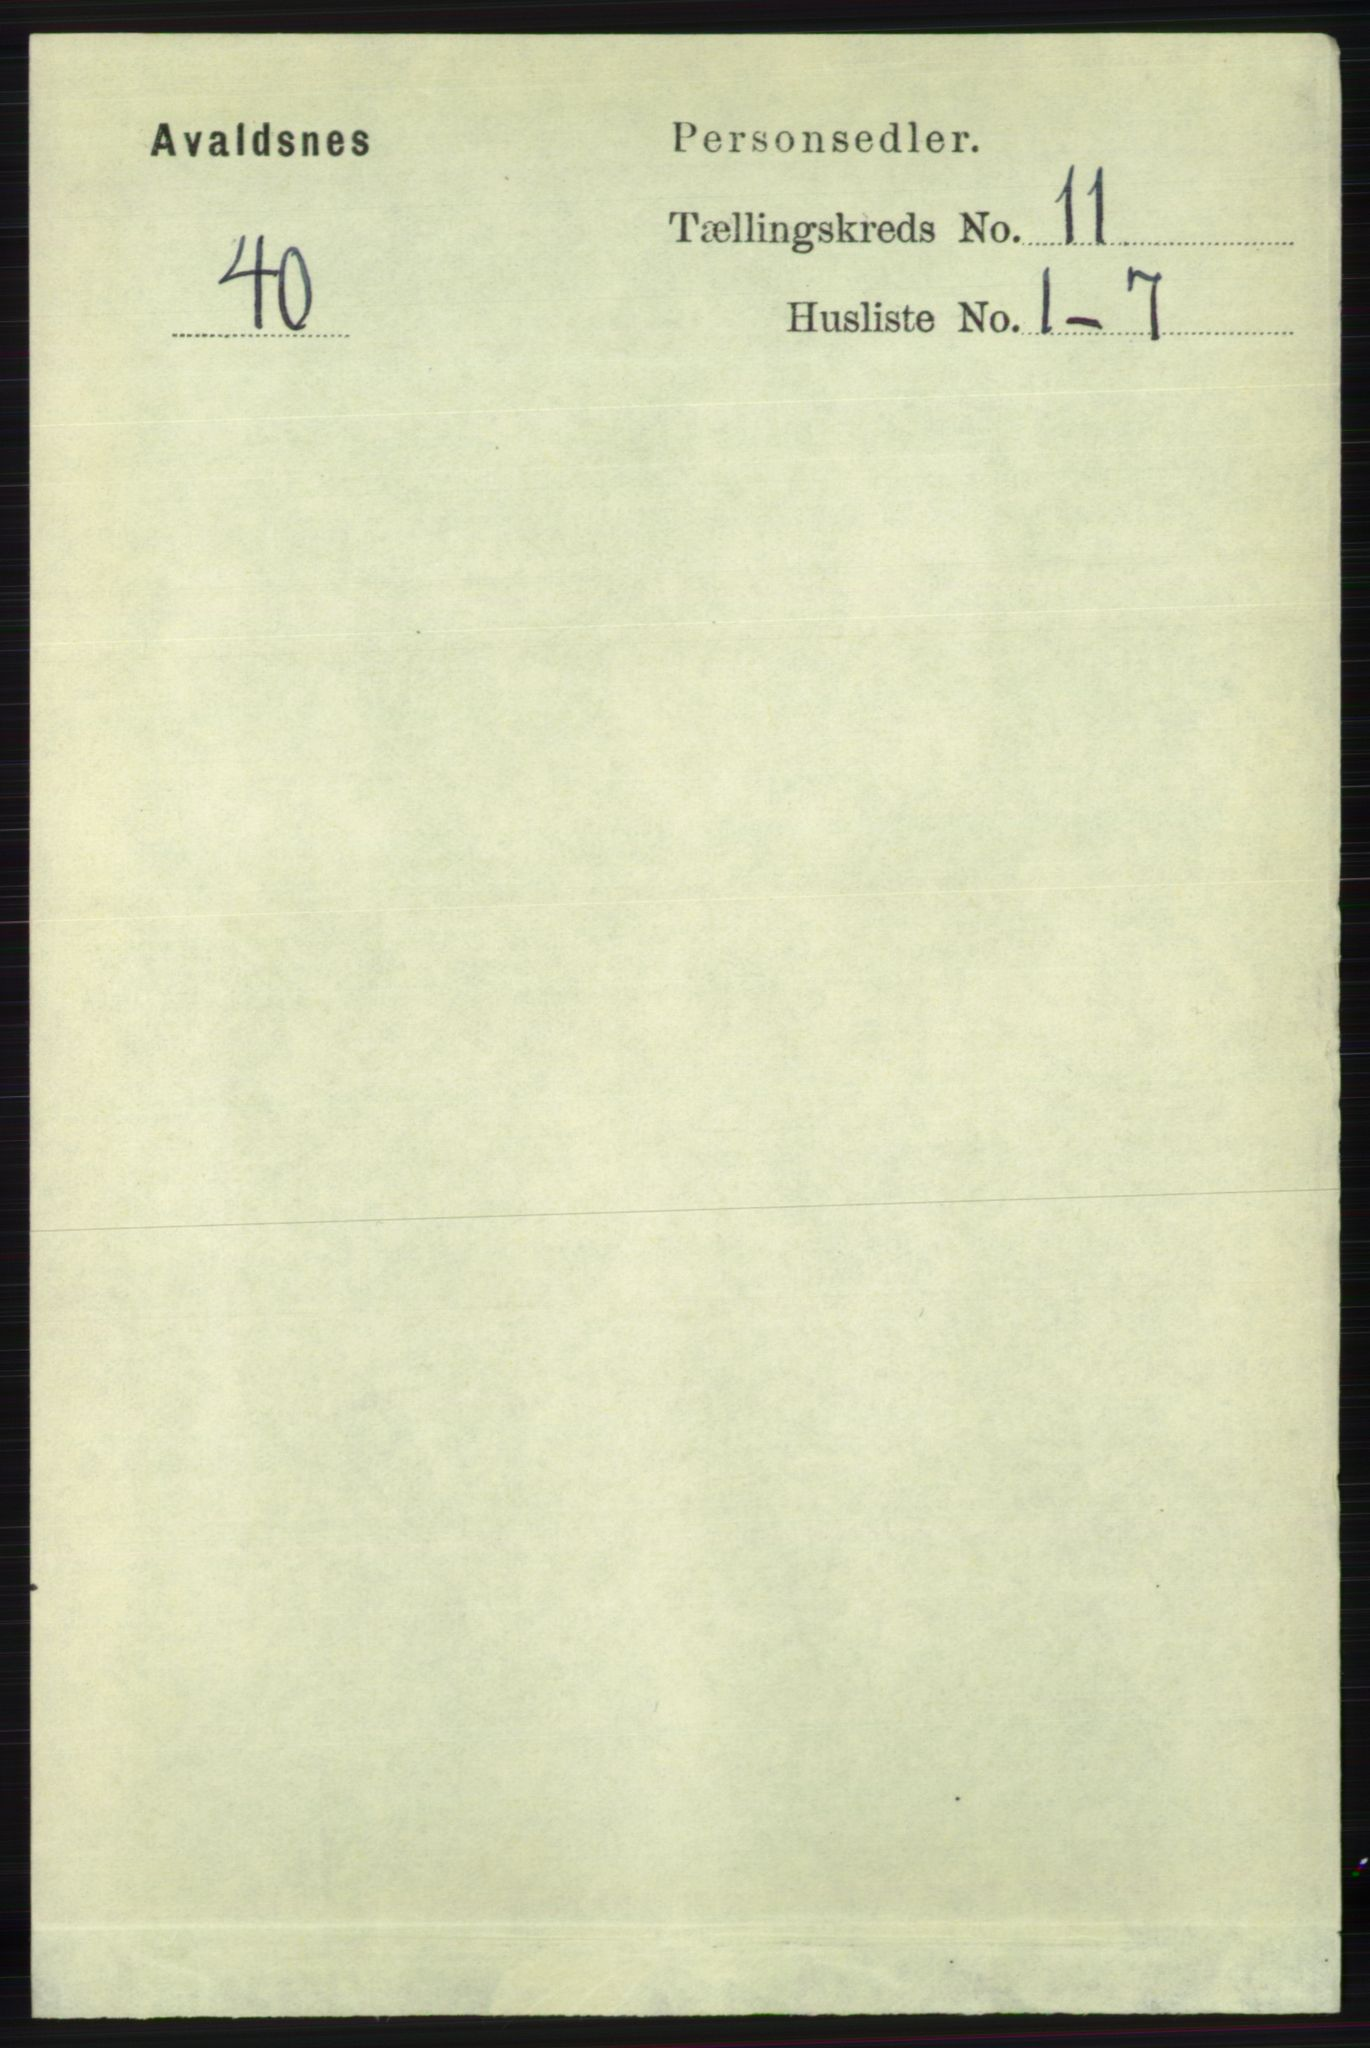 RA, Folketelling 1891 for 1147 Avaldsnes herred, 1891, s. 6199